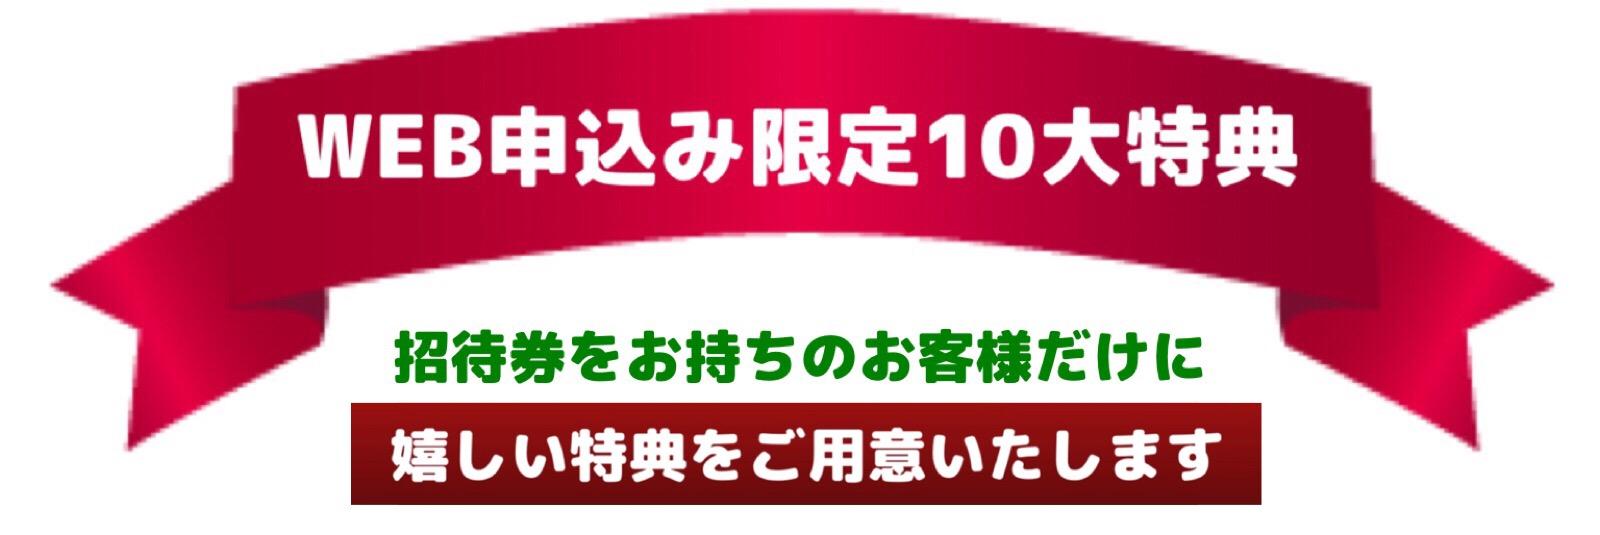 ドマーニ日本橋イベント特典